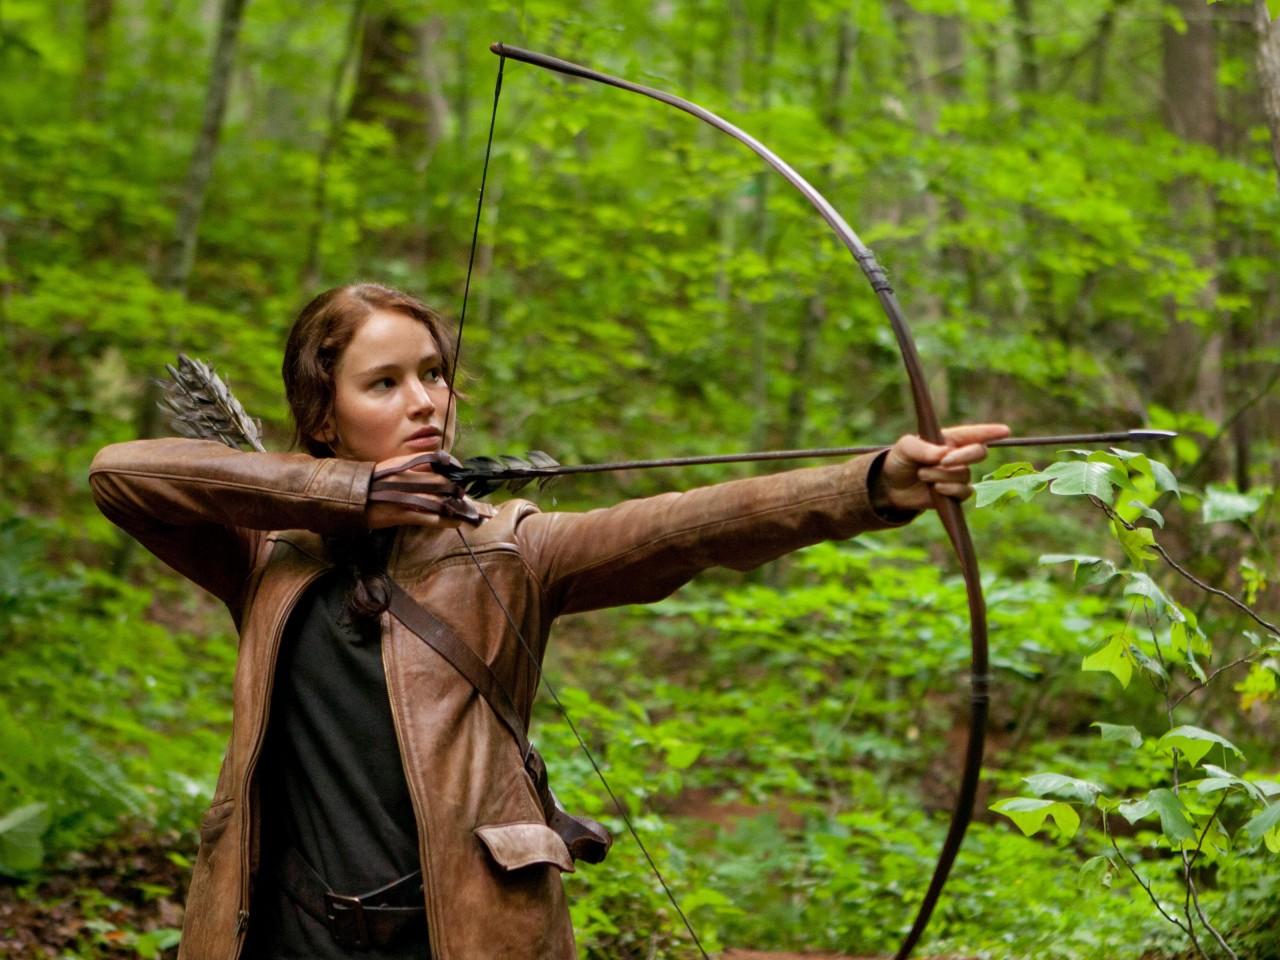 Hunger Games sulla CW: arriva Capture, il reality show che emula il film [VIDEO]